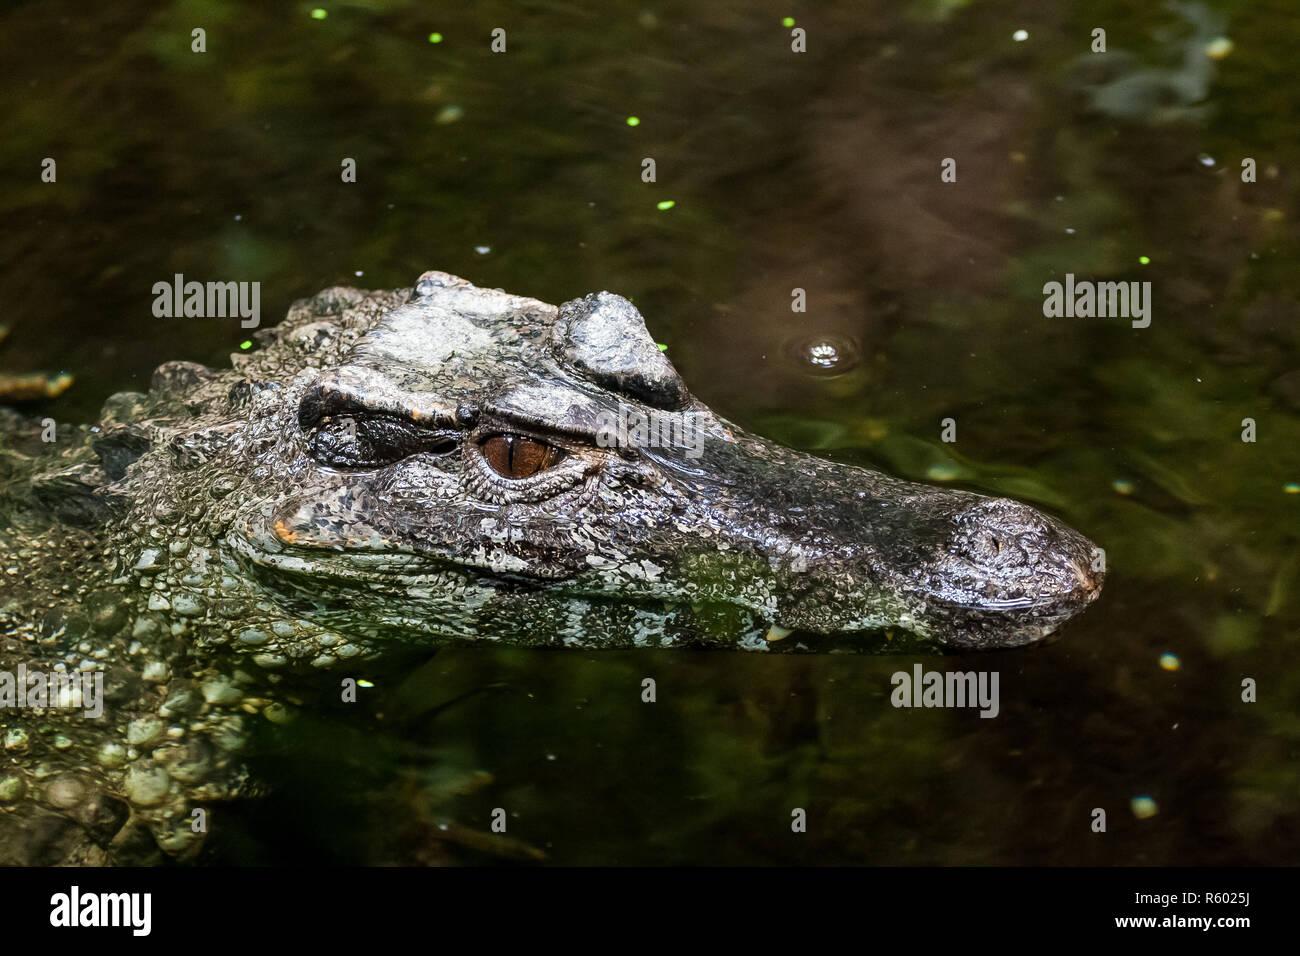 close-up of a straightforward caiman - Stock Image